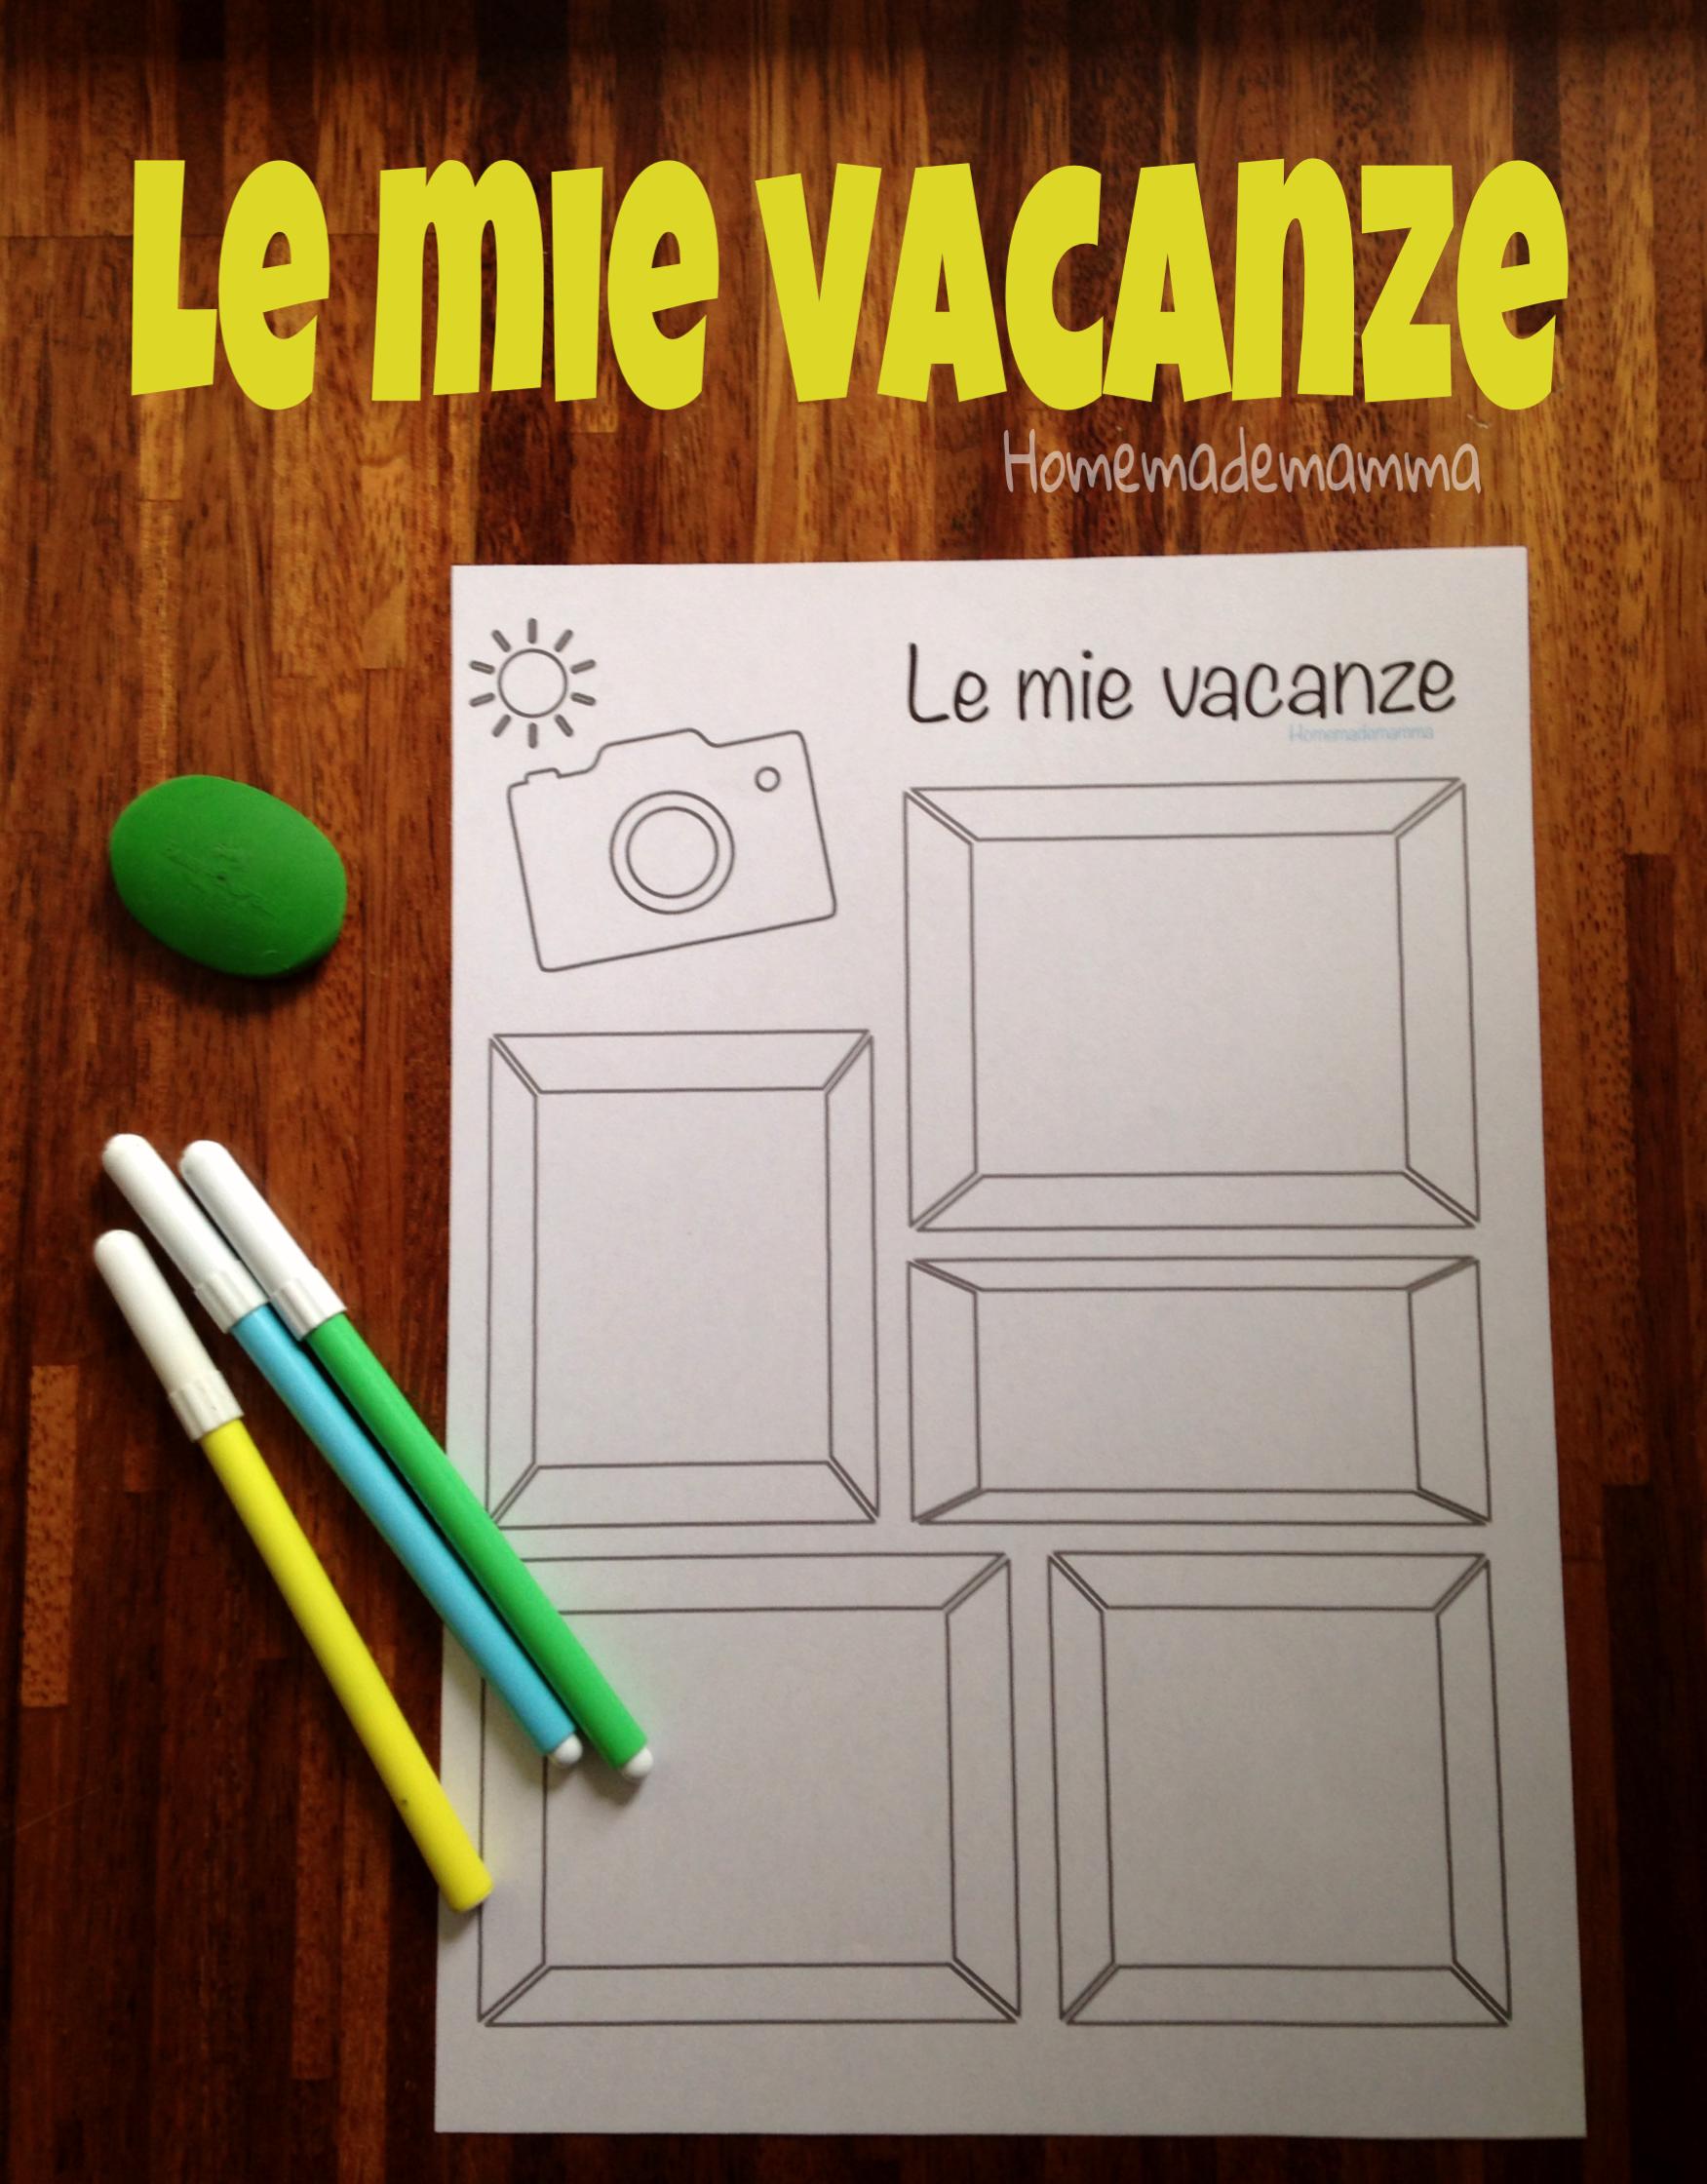 scheda per raccontare vacanze bambini homemademamma